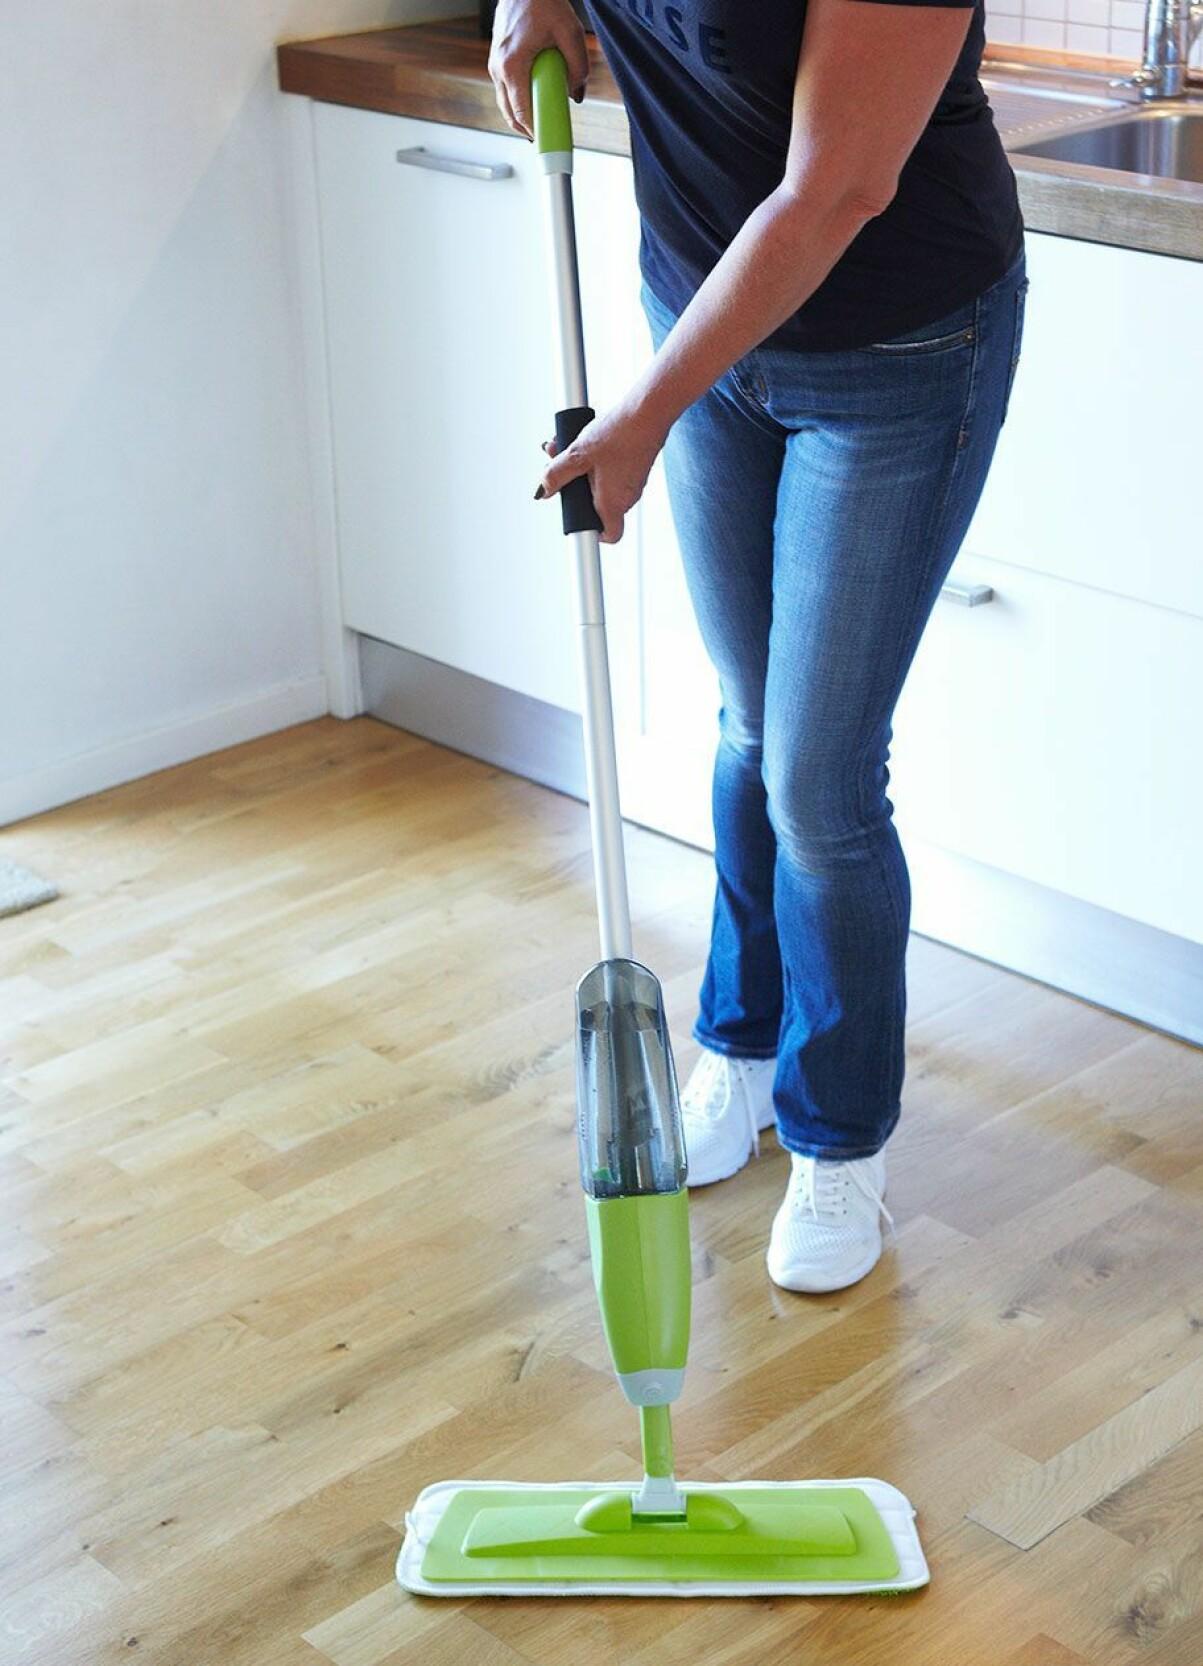 Kvinna våttorkar golv med en spraymopp.